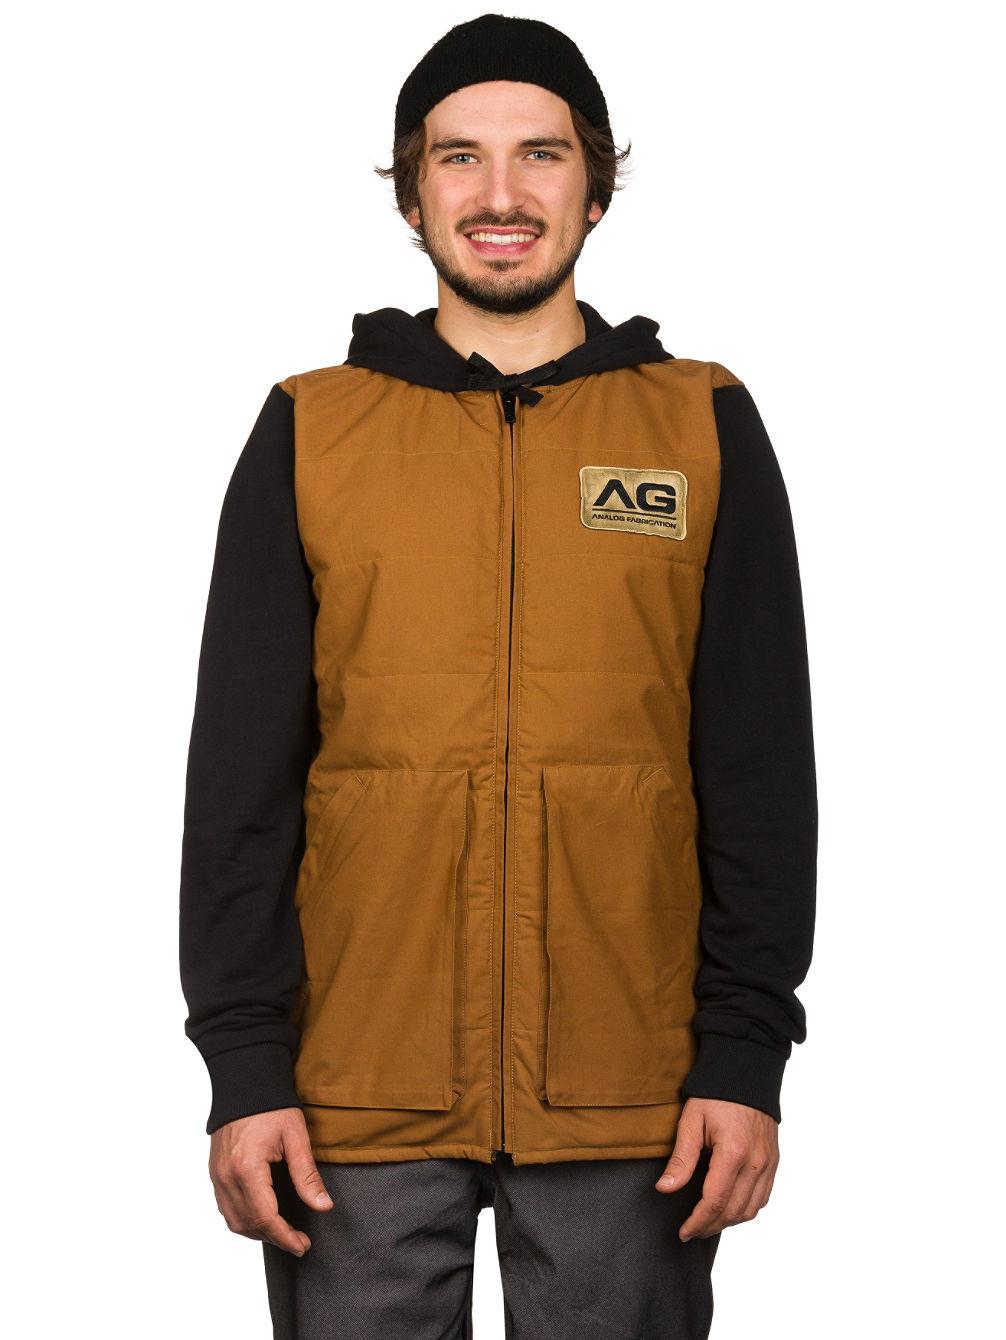 analog-jacket